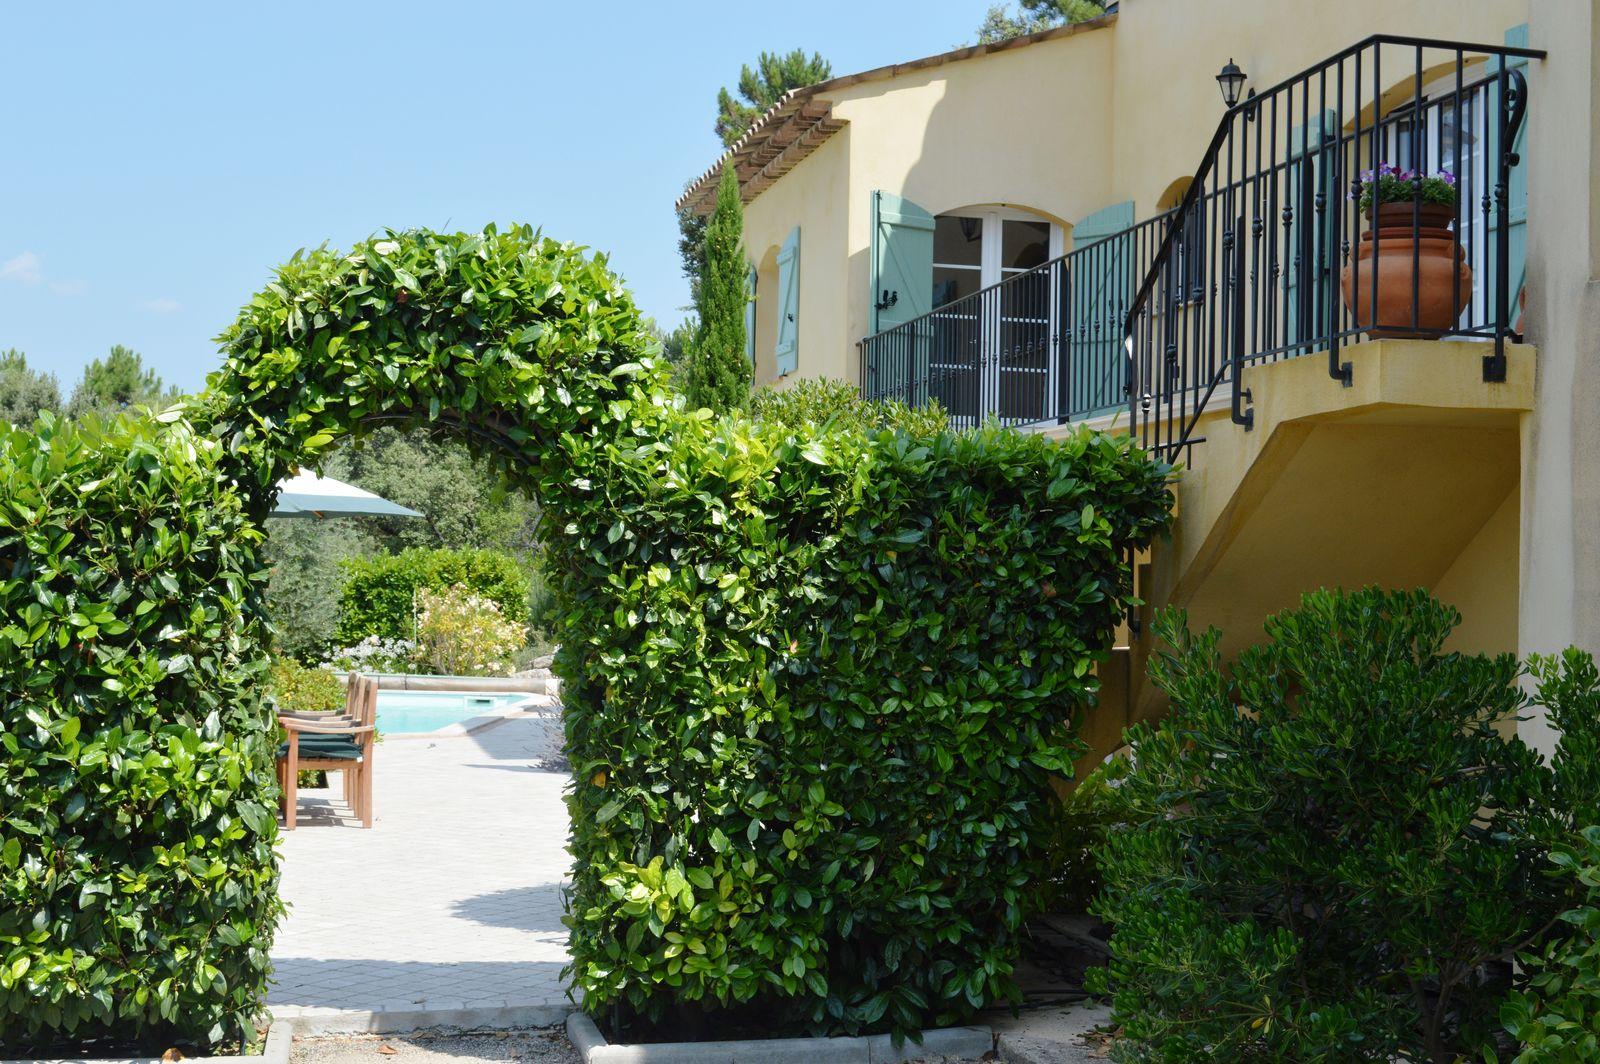 Afbeelding van Villa Han - vakantiehuis zuid-Frankrijk met zwembad